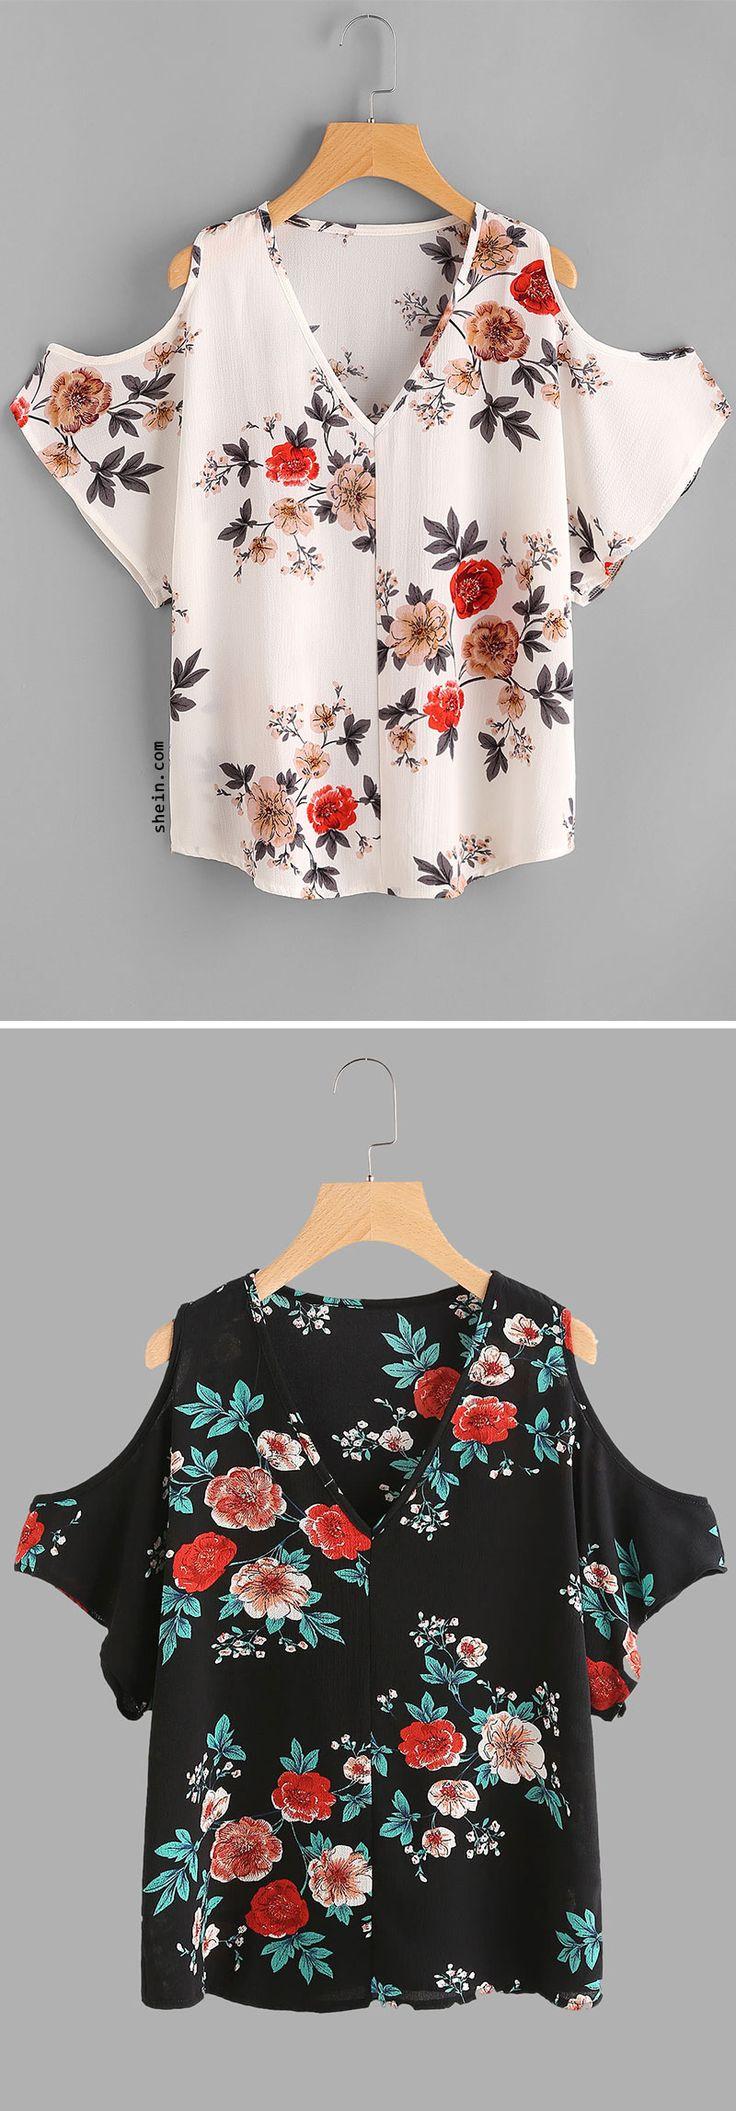 V Neckline Open Shoulder Calico Print Top